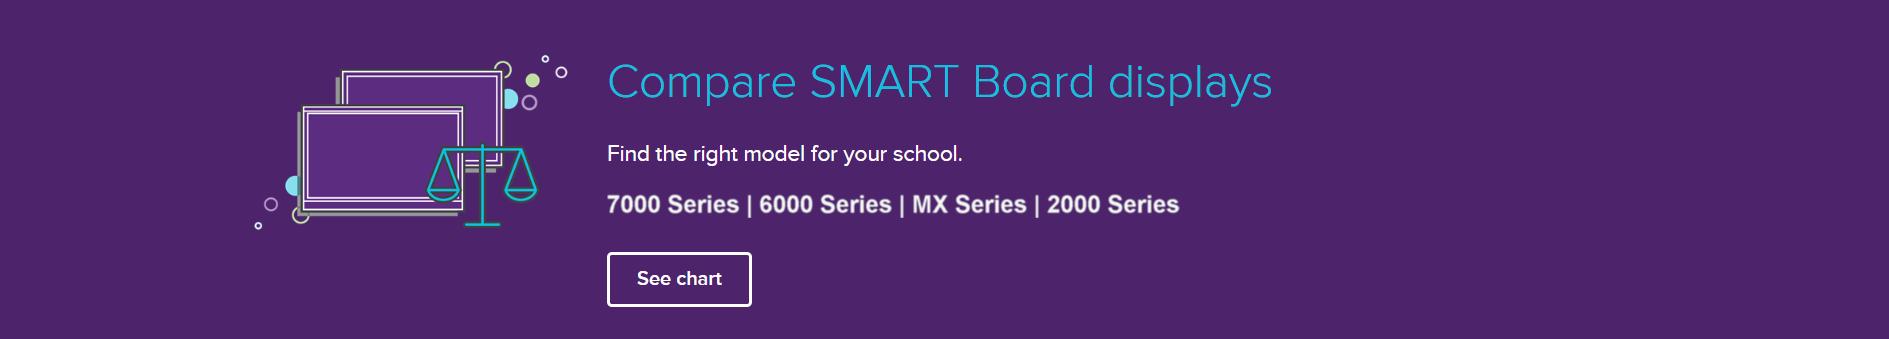 Compare Smart Boards